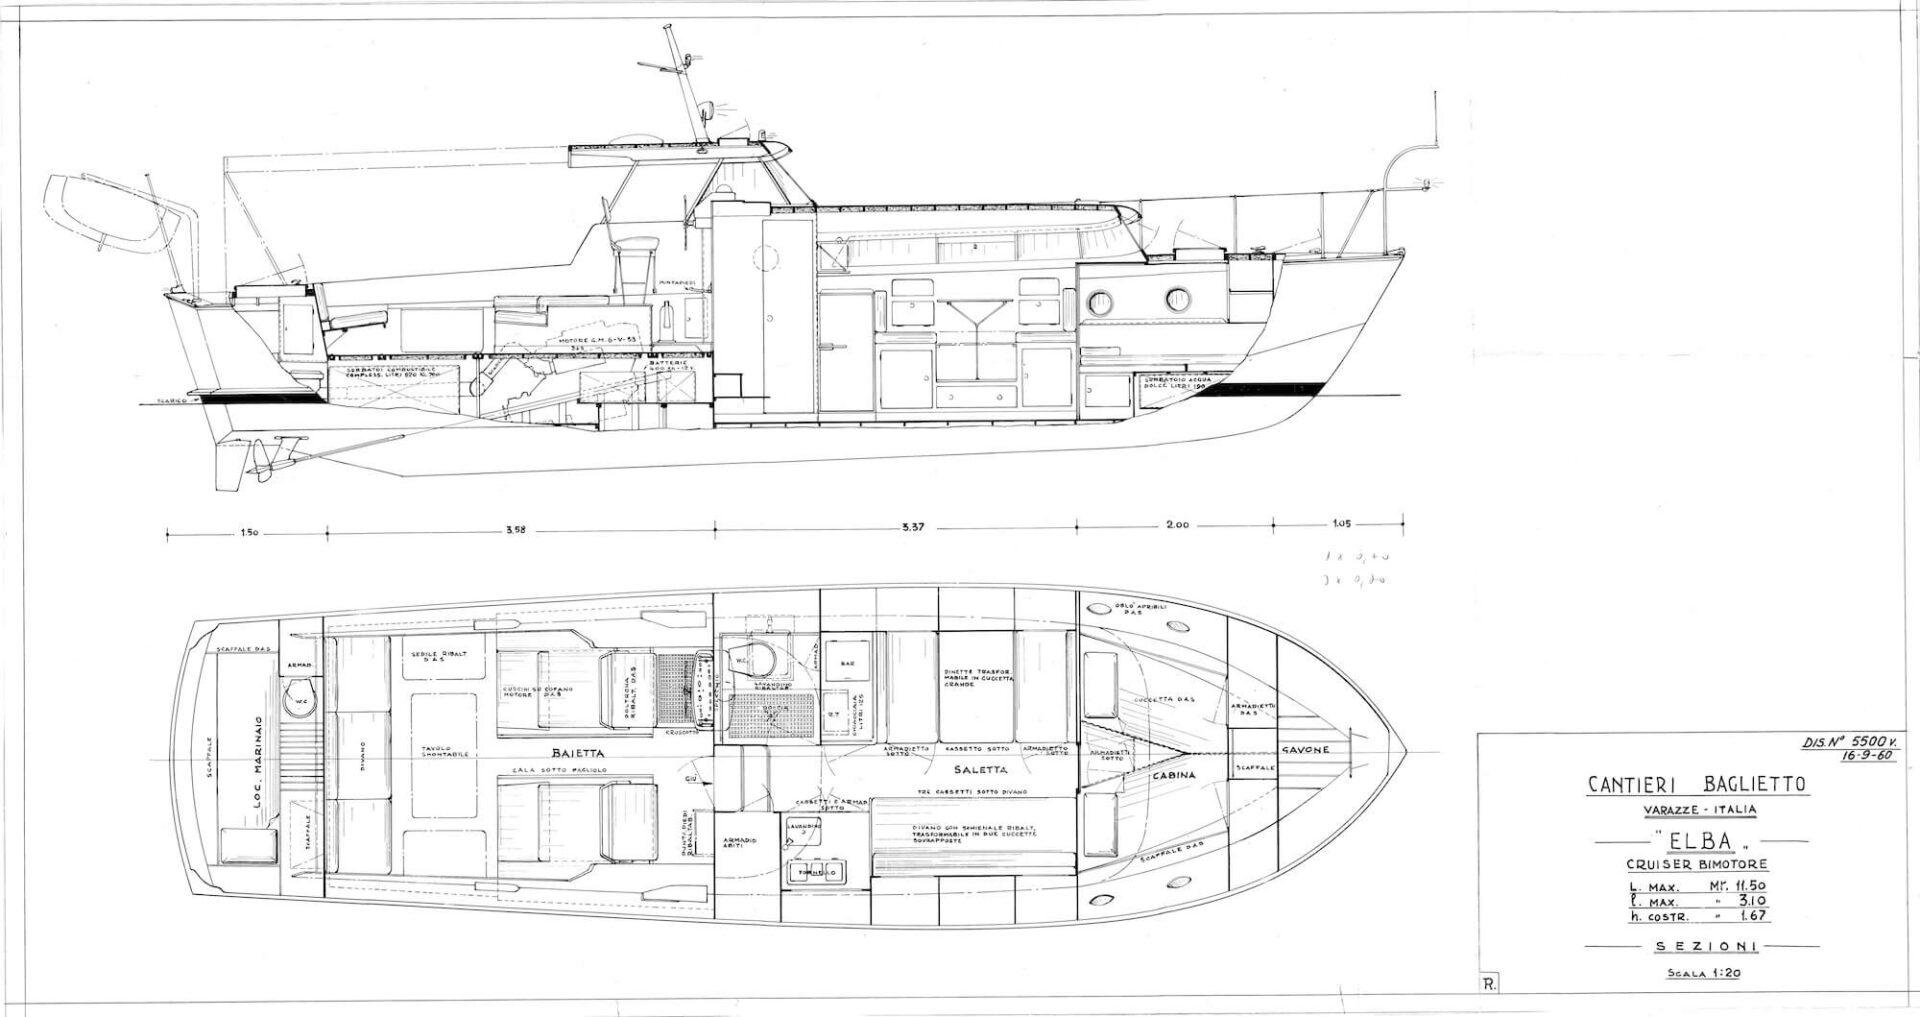 1958-1963 – Piani generali di un Motor Yacht serie Elba